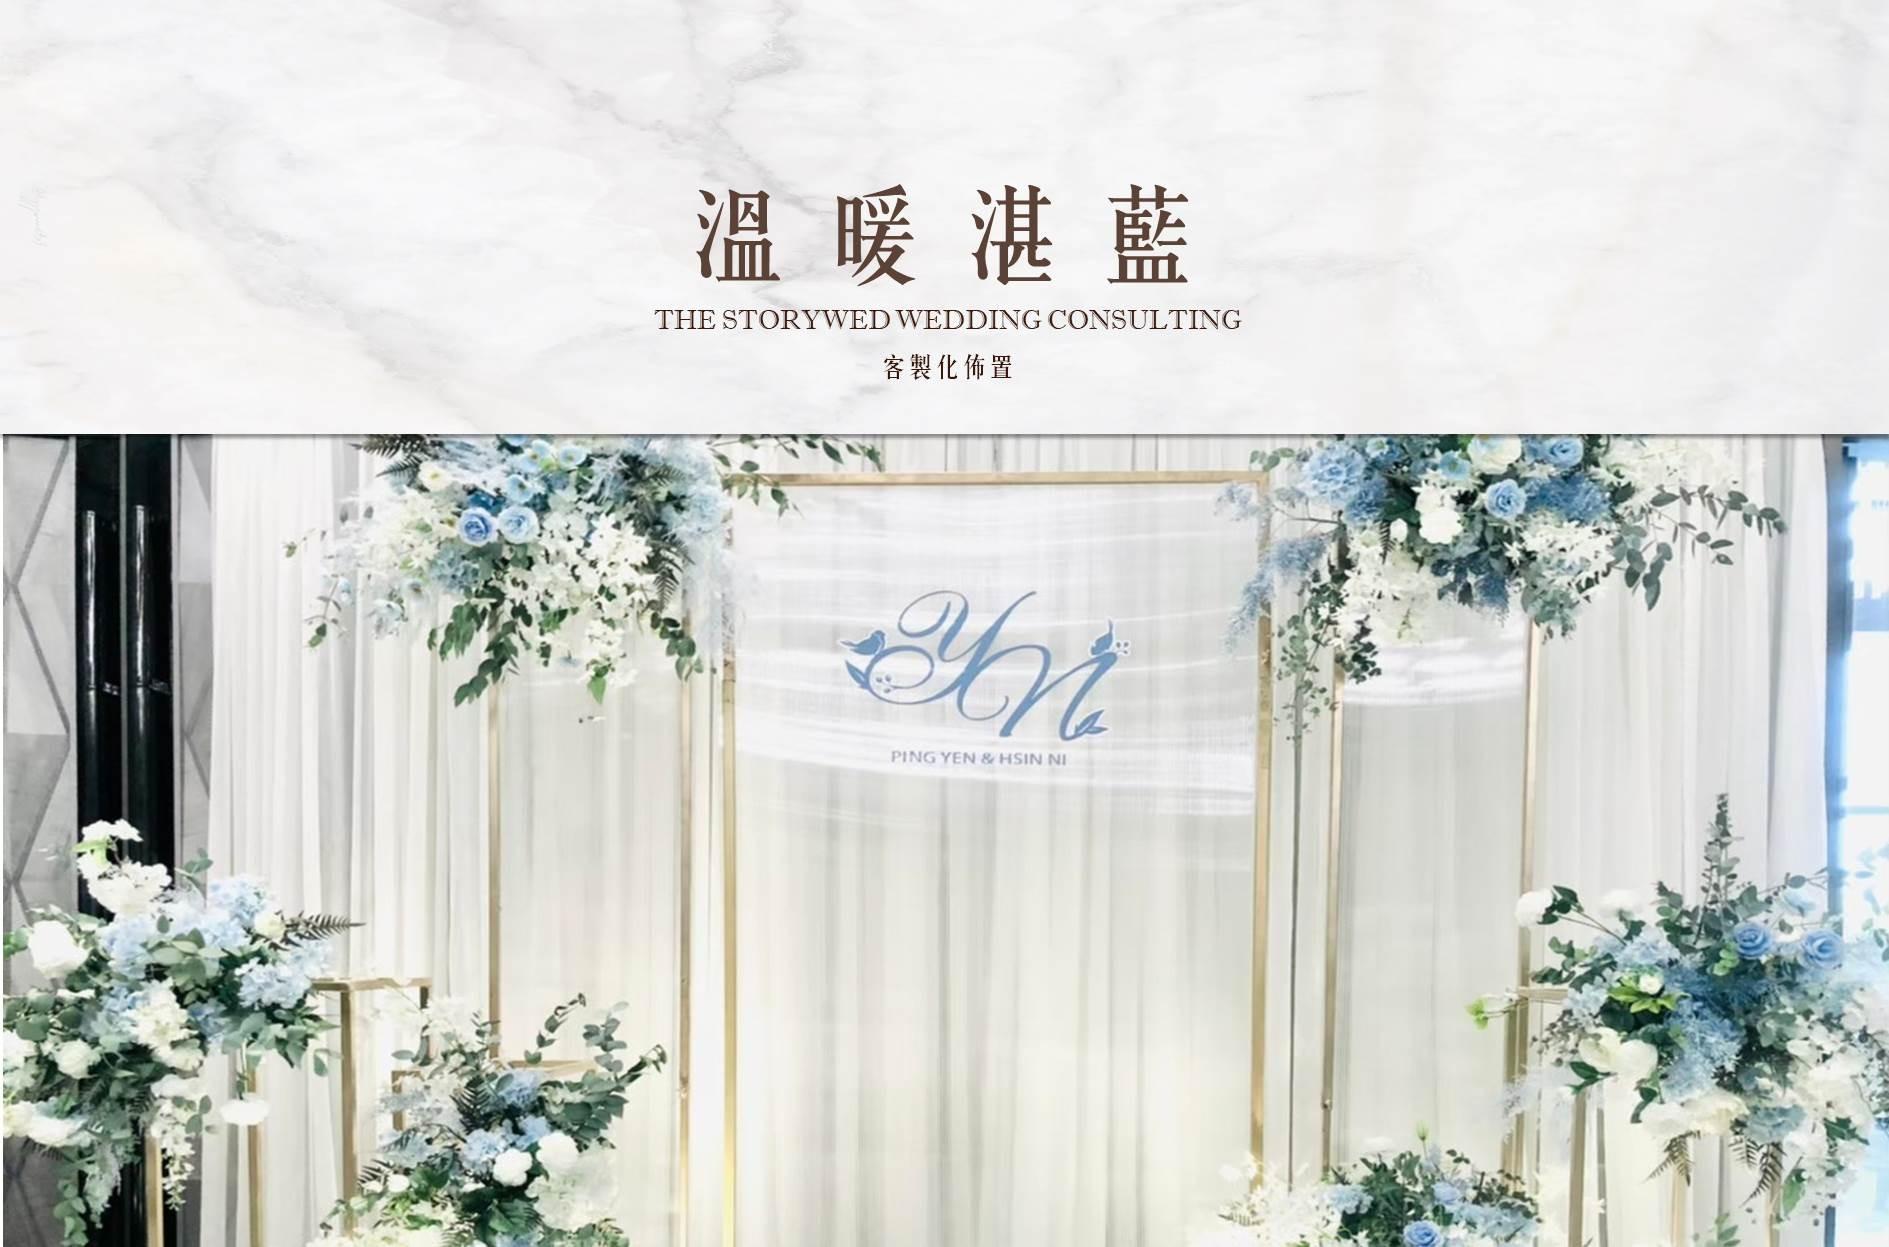 〖客製化婚禮佈置〗溫暖湛藍